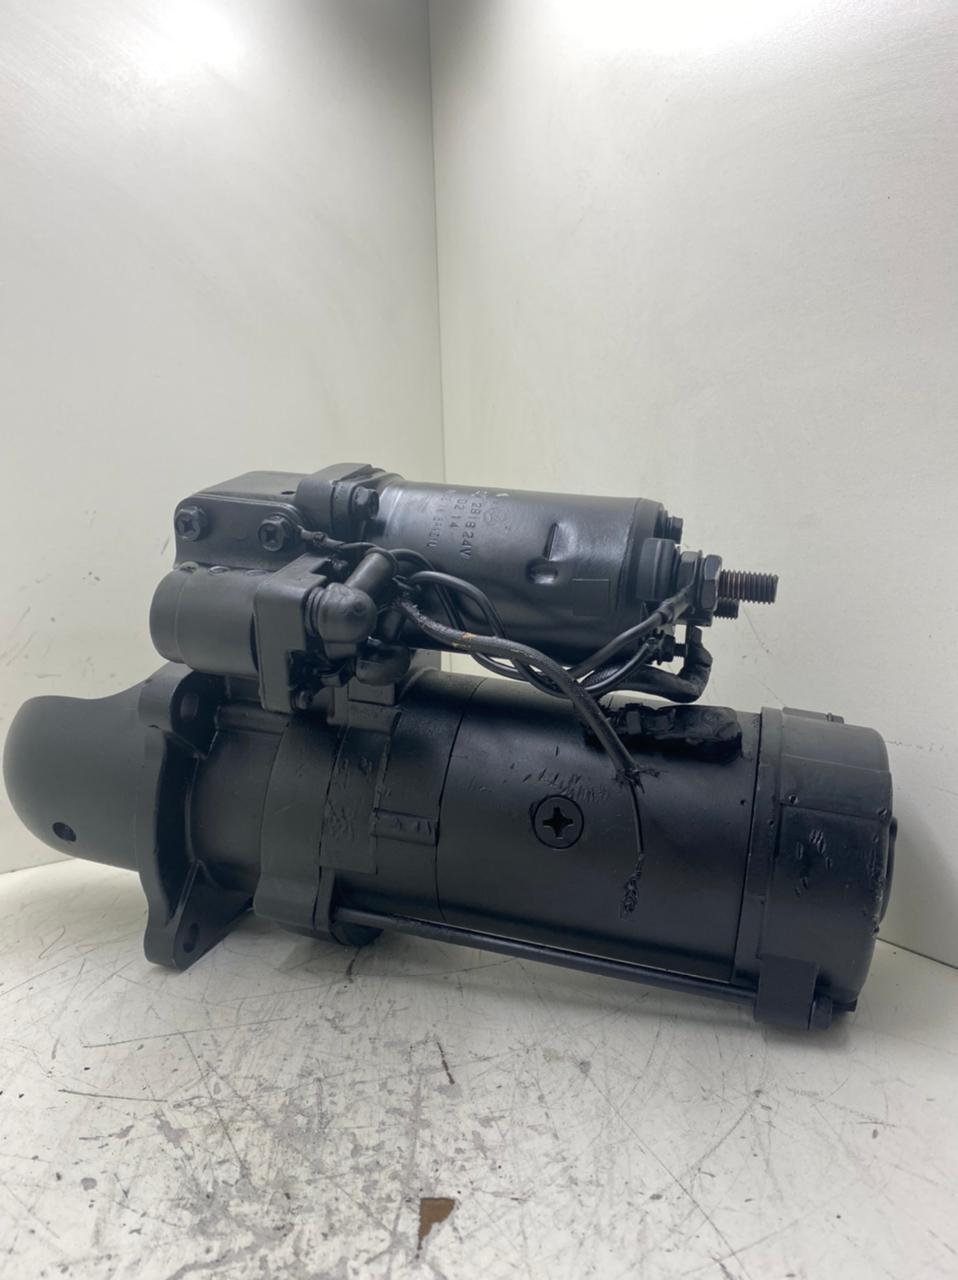 Motor De Partida Arranque Mercedes Benz Accelo 9D 24V 1016 E 815 A0051512201 0041518401 0051512001 0061512201 0061512203 A0051517601 10461470 10479626 10479650 19070039